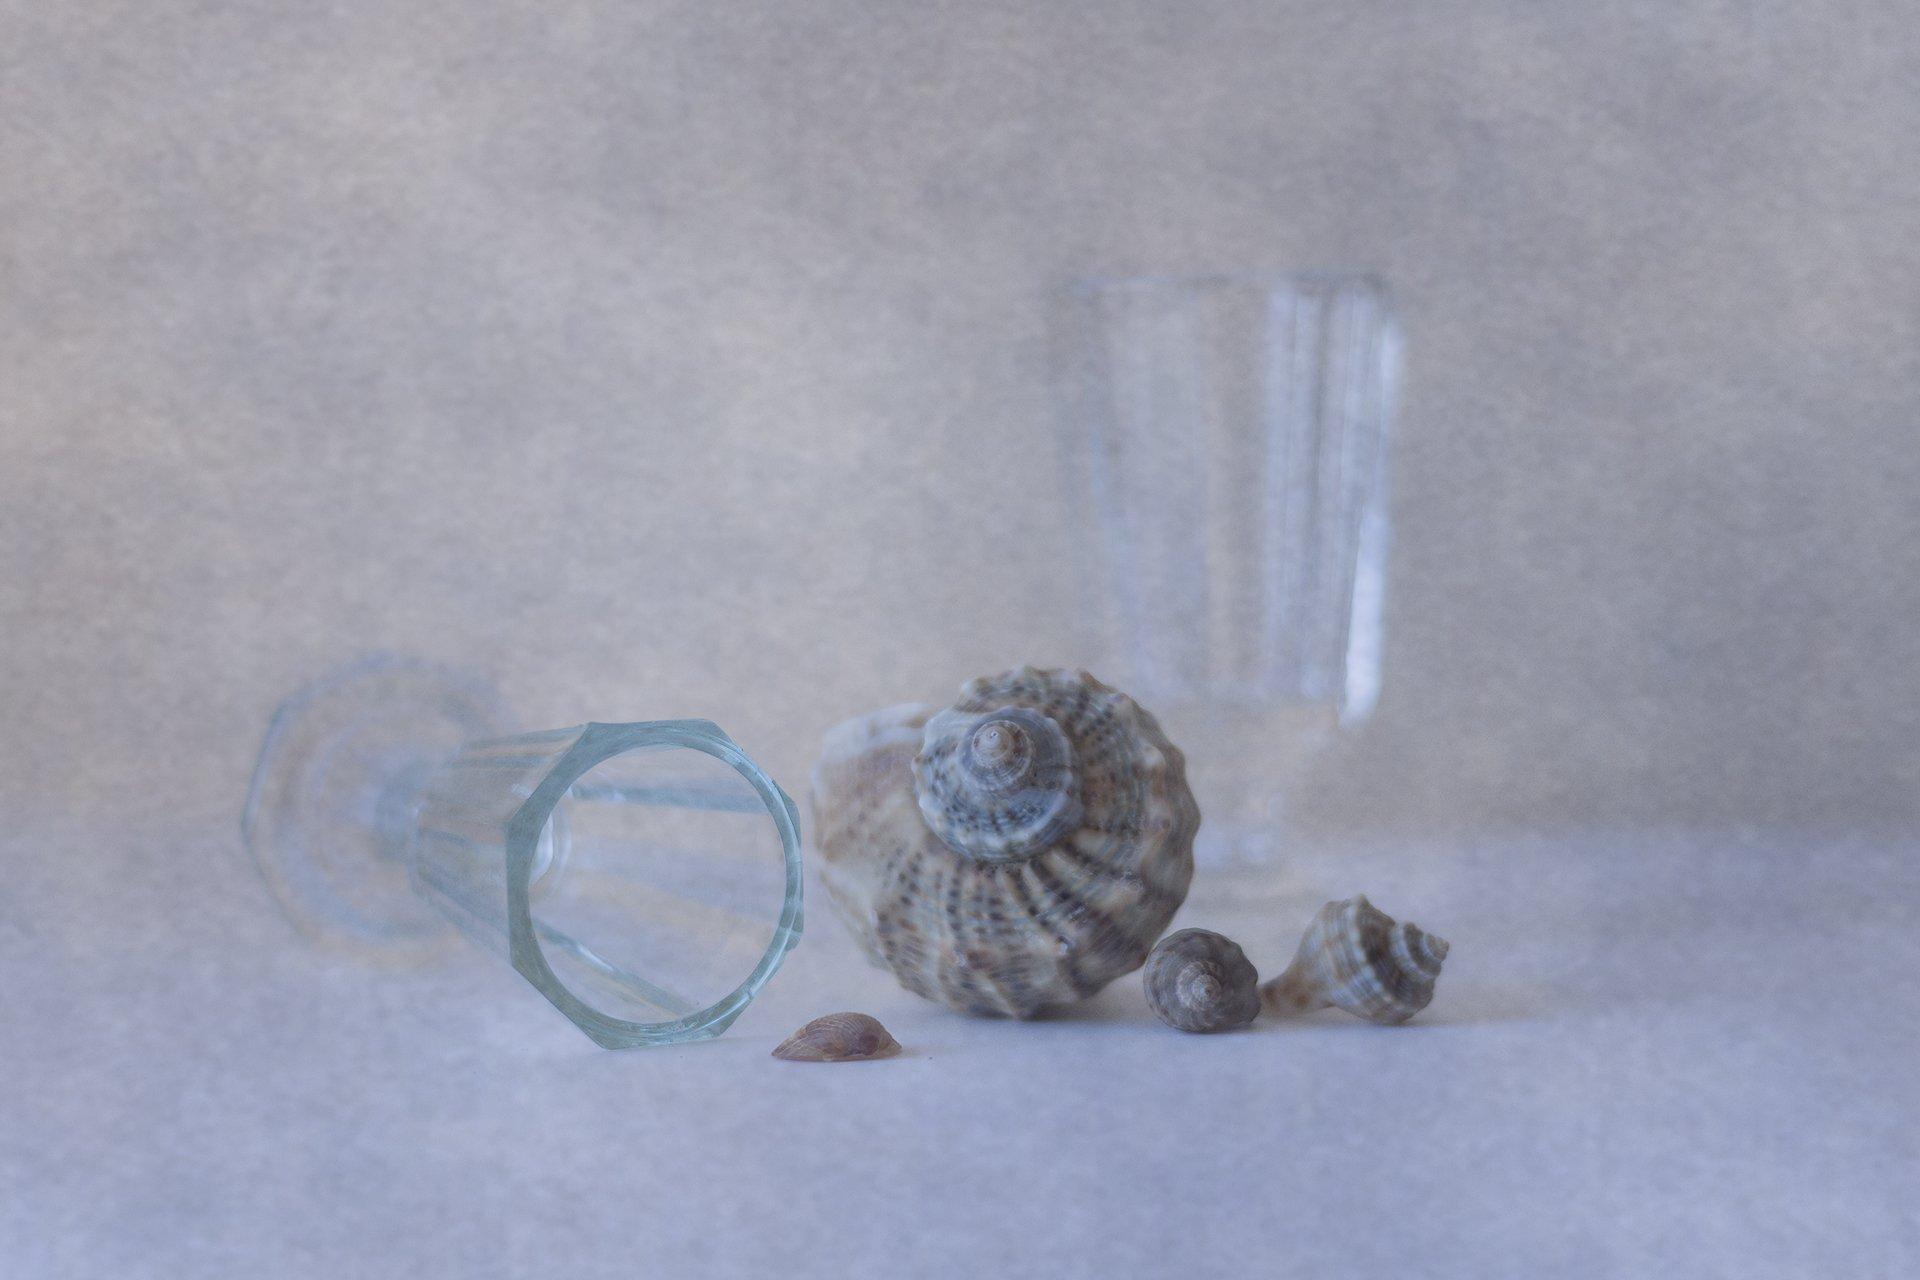 glass, shells, texture,, Anna